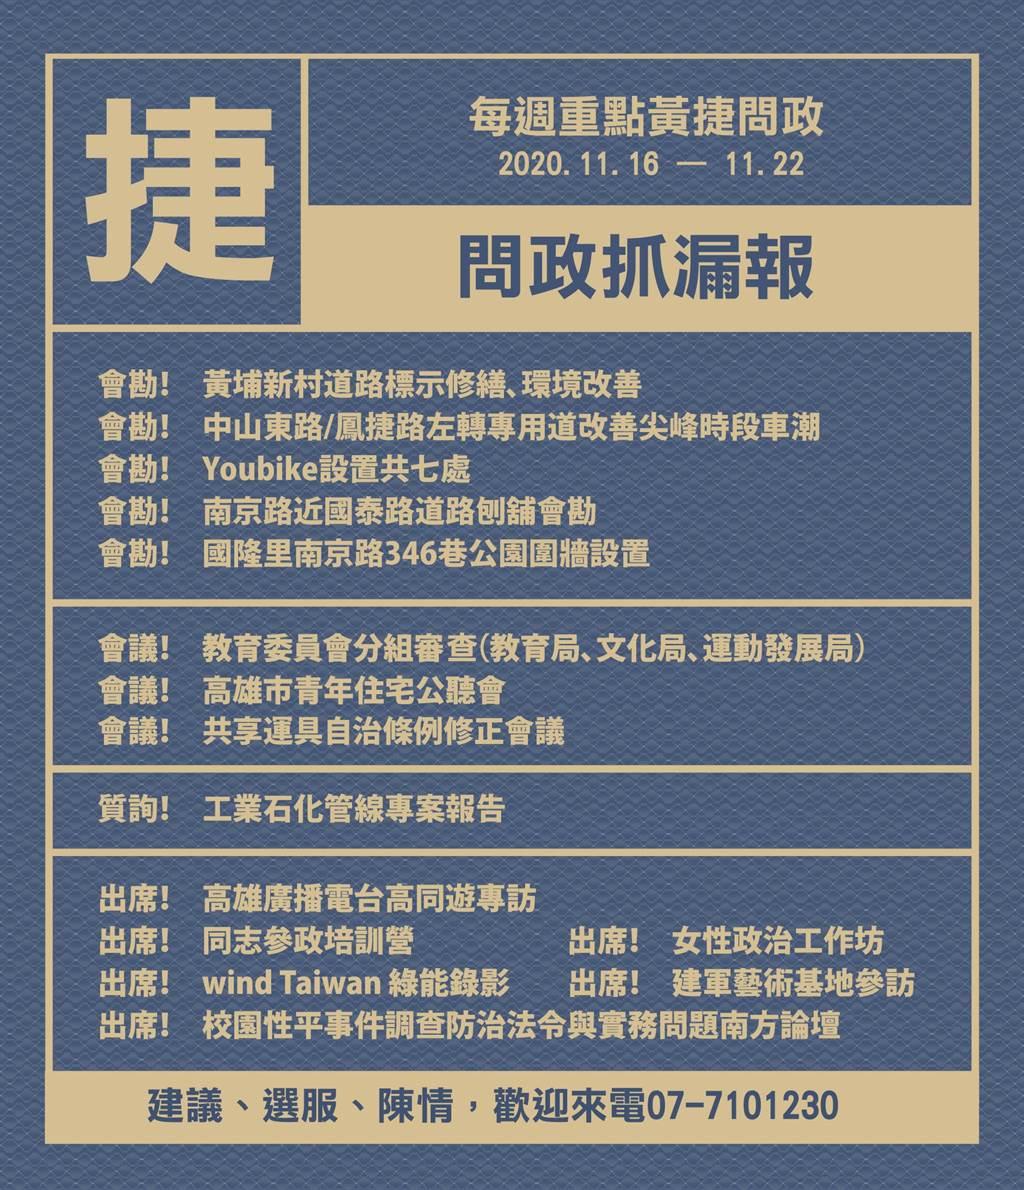 黃捷11月16日至22日問政報告。(圖/取自黃捷臉書)